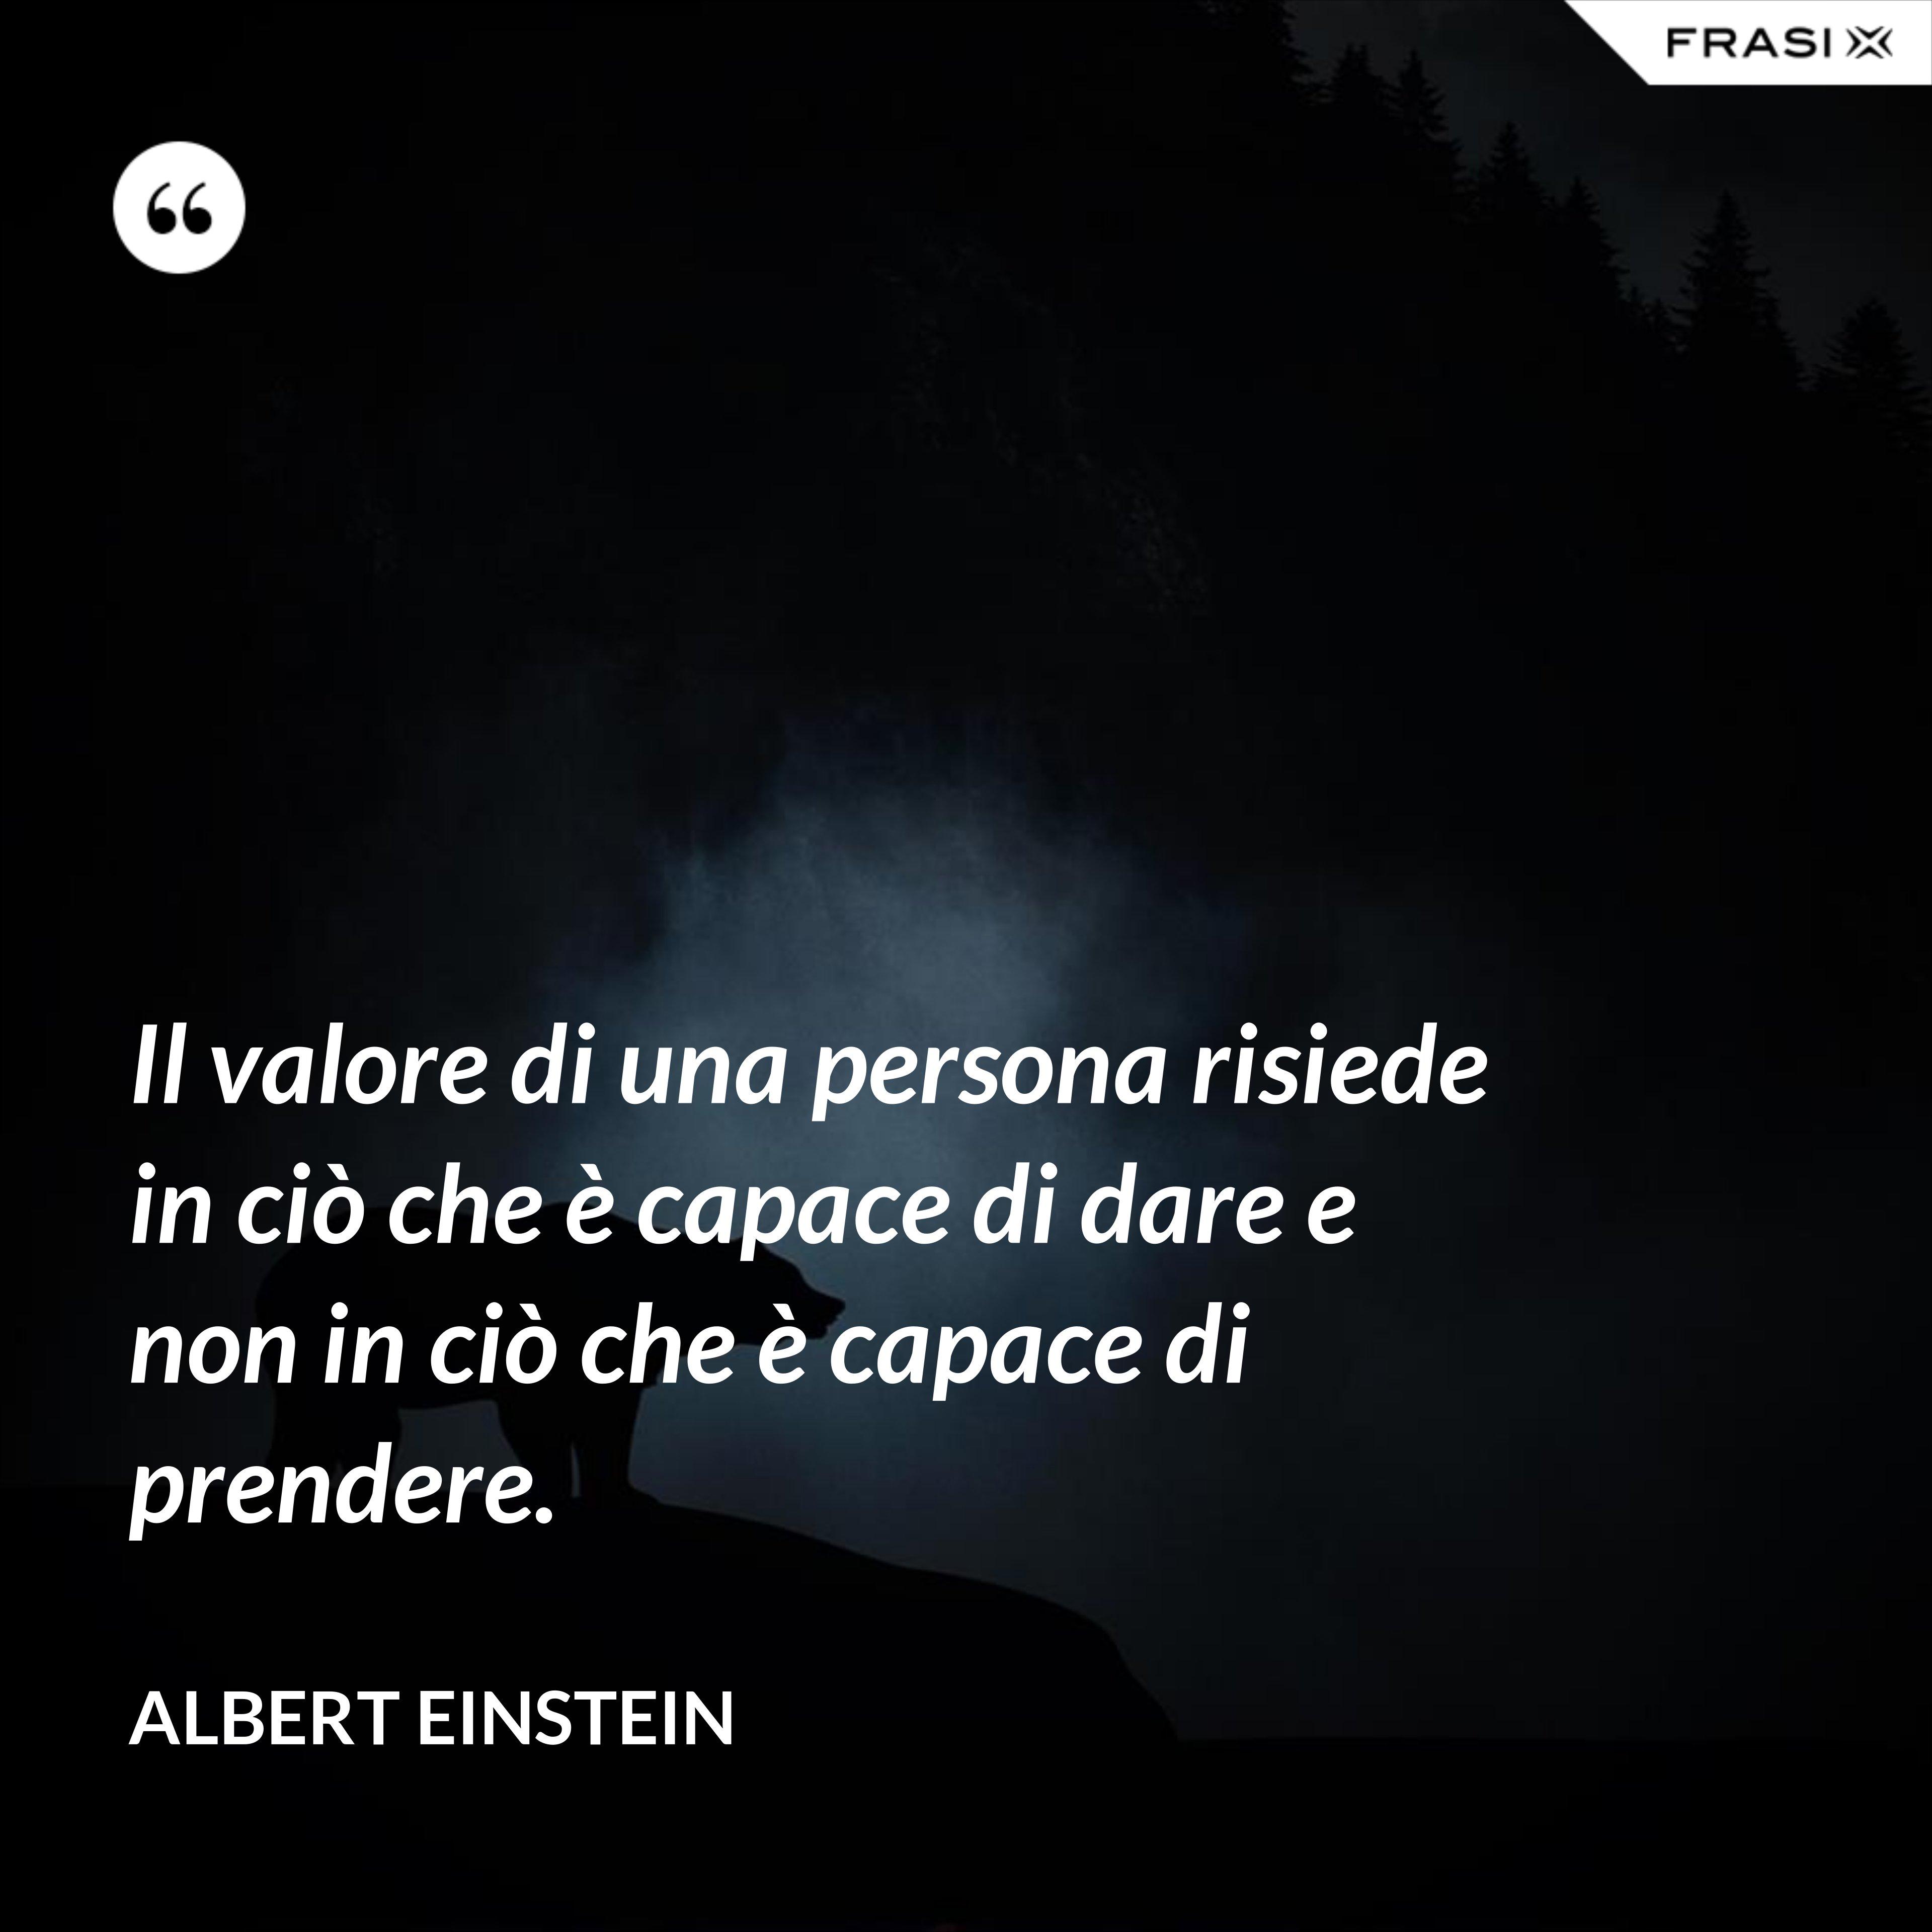 Il valore di una persona risiede in ciò che è capace di dare e non in ciò che è capace di prendere. - Albert Einstein